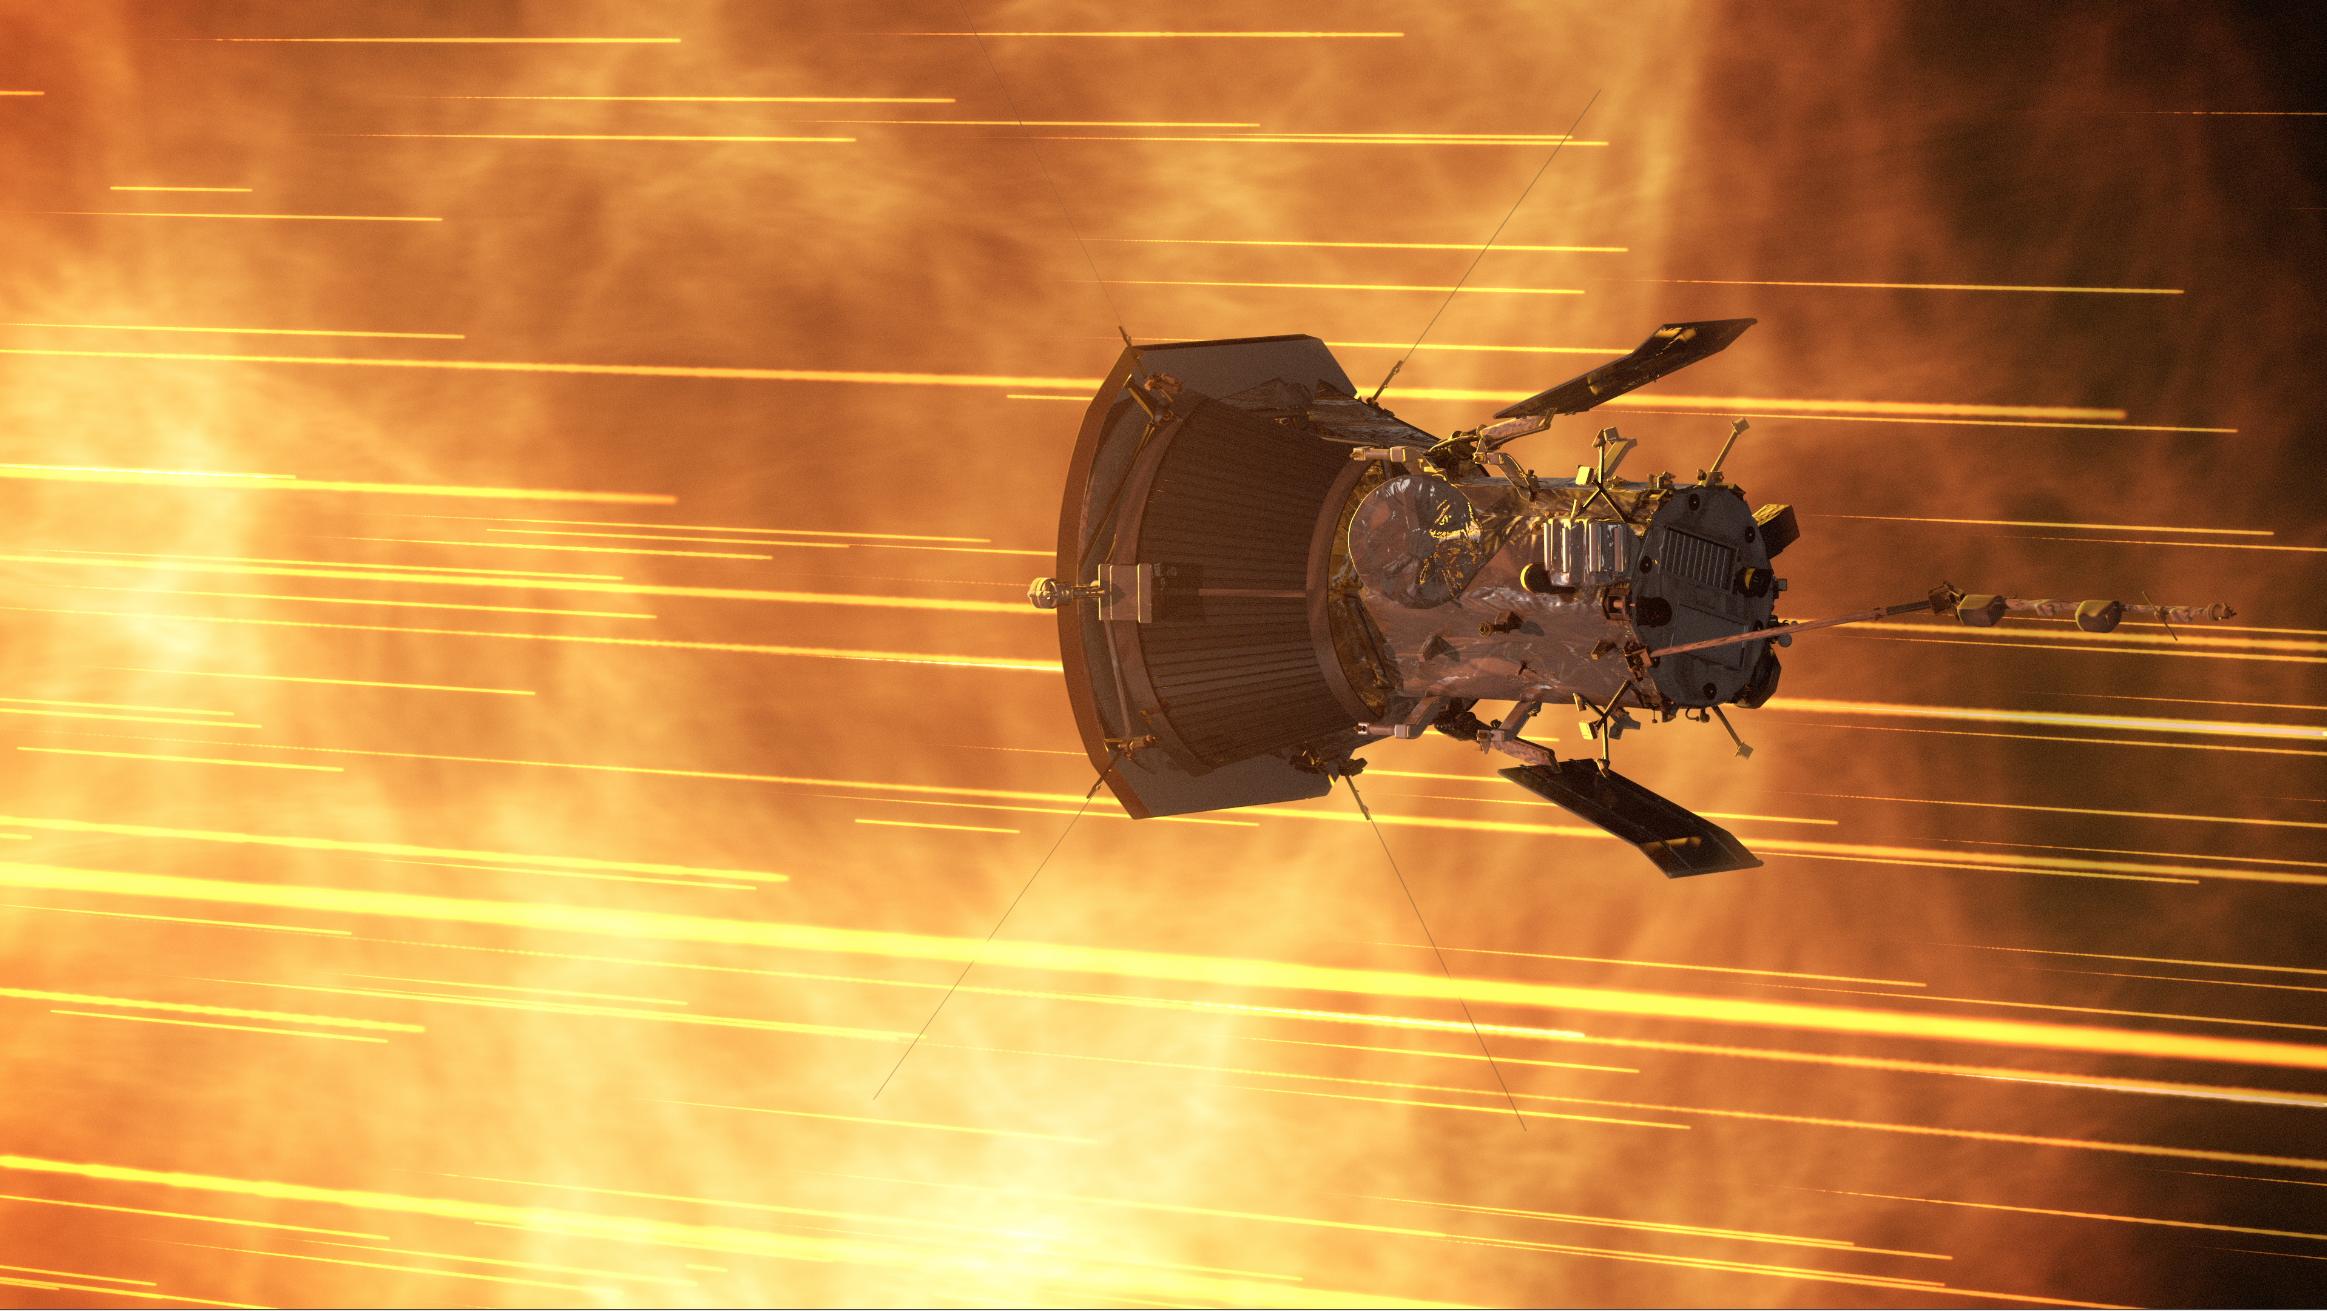 nasa sun mission - HD2327×1311